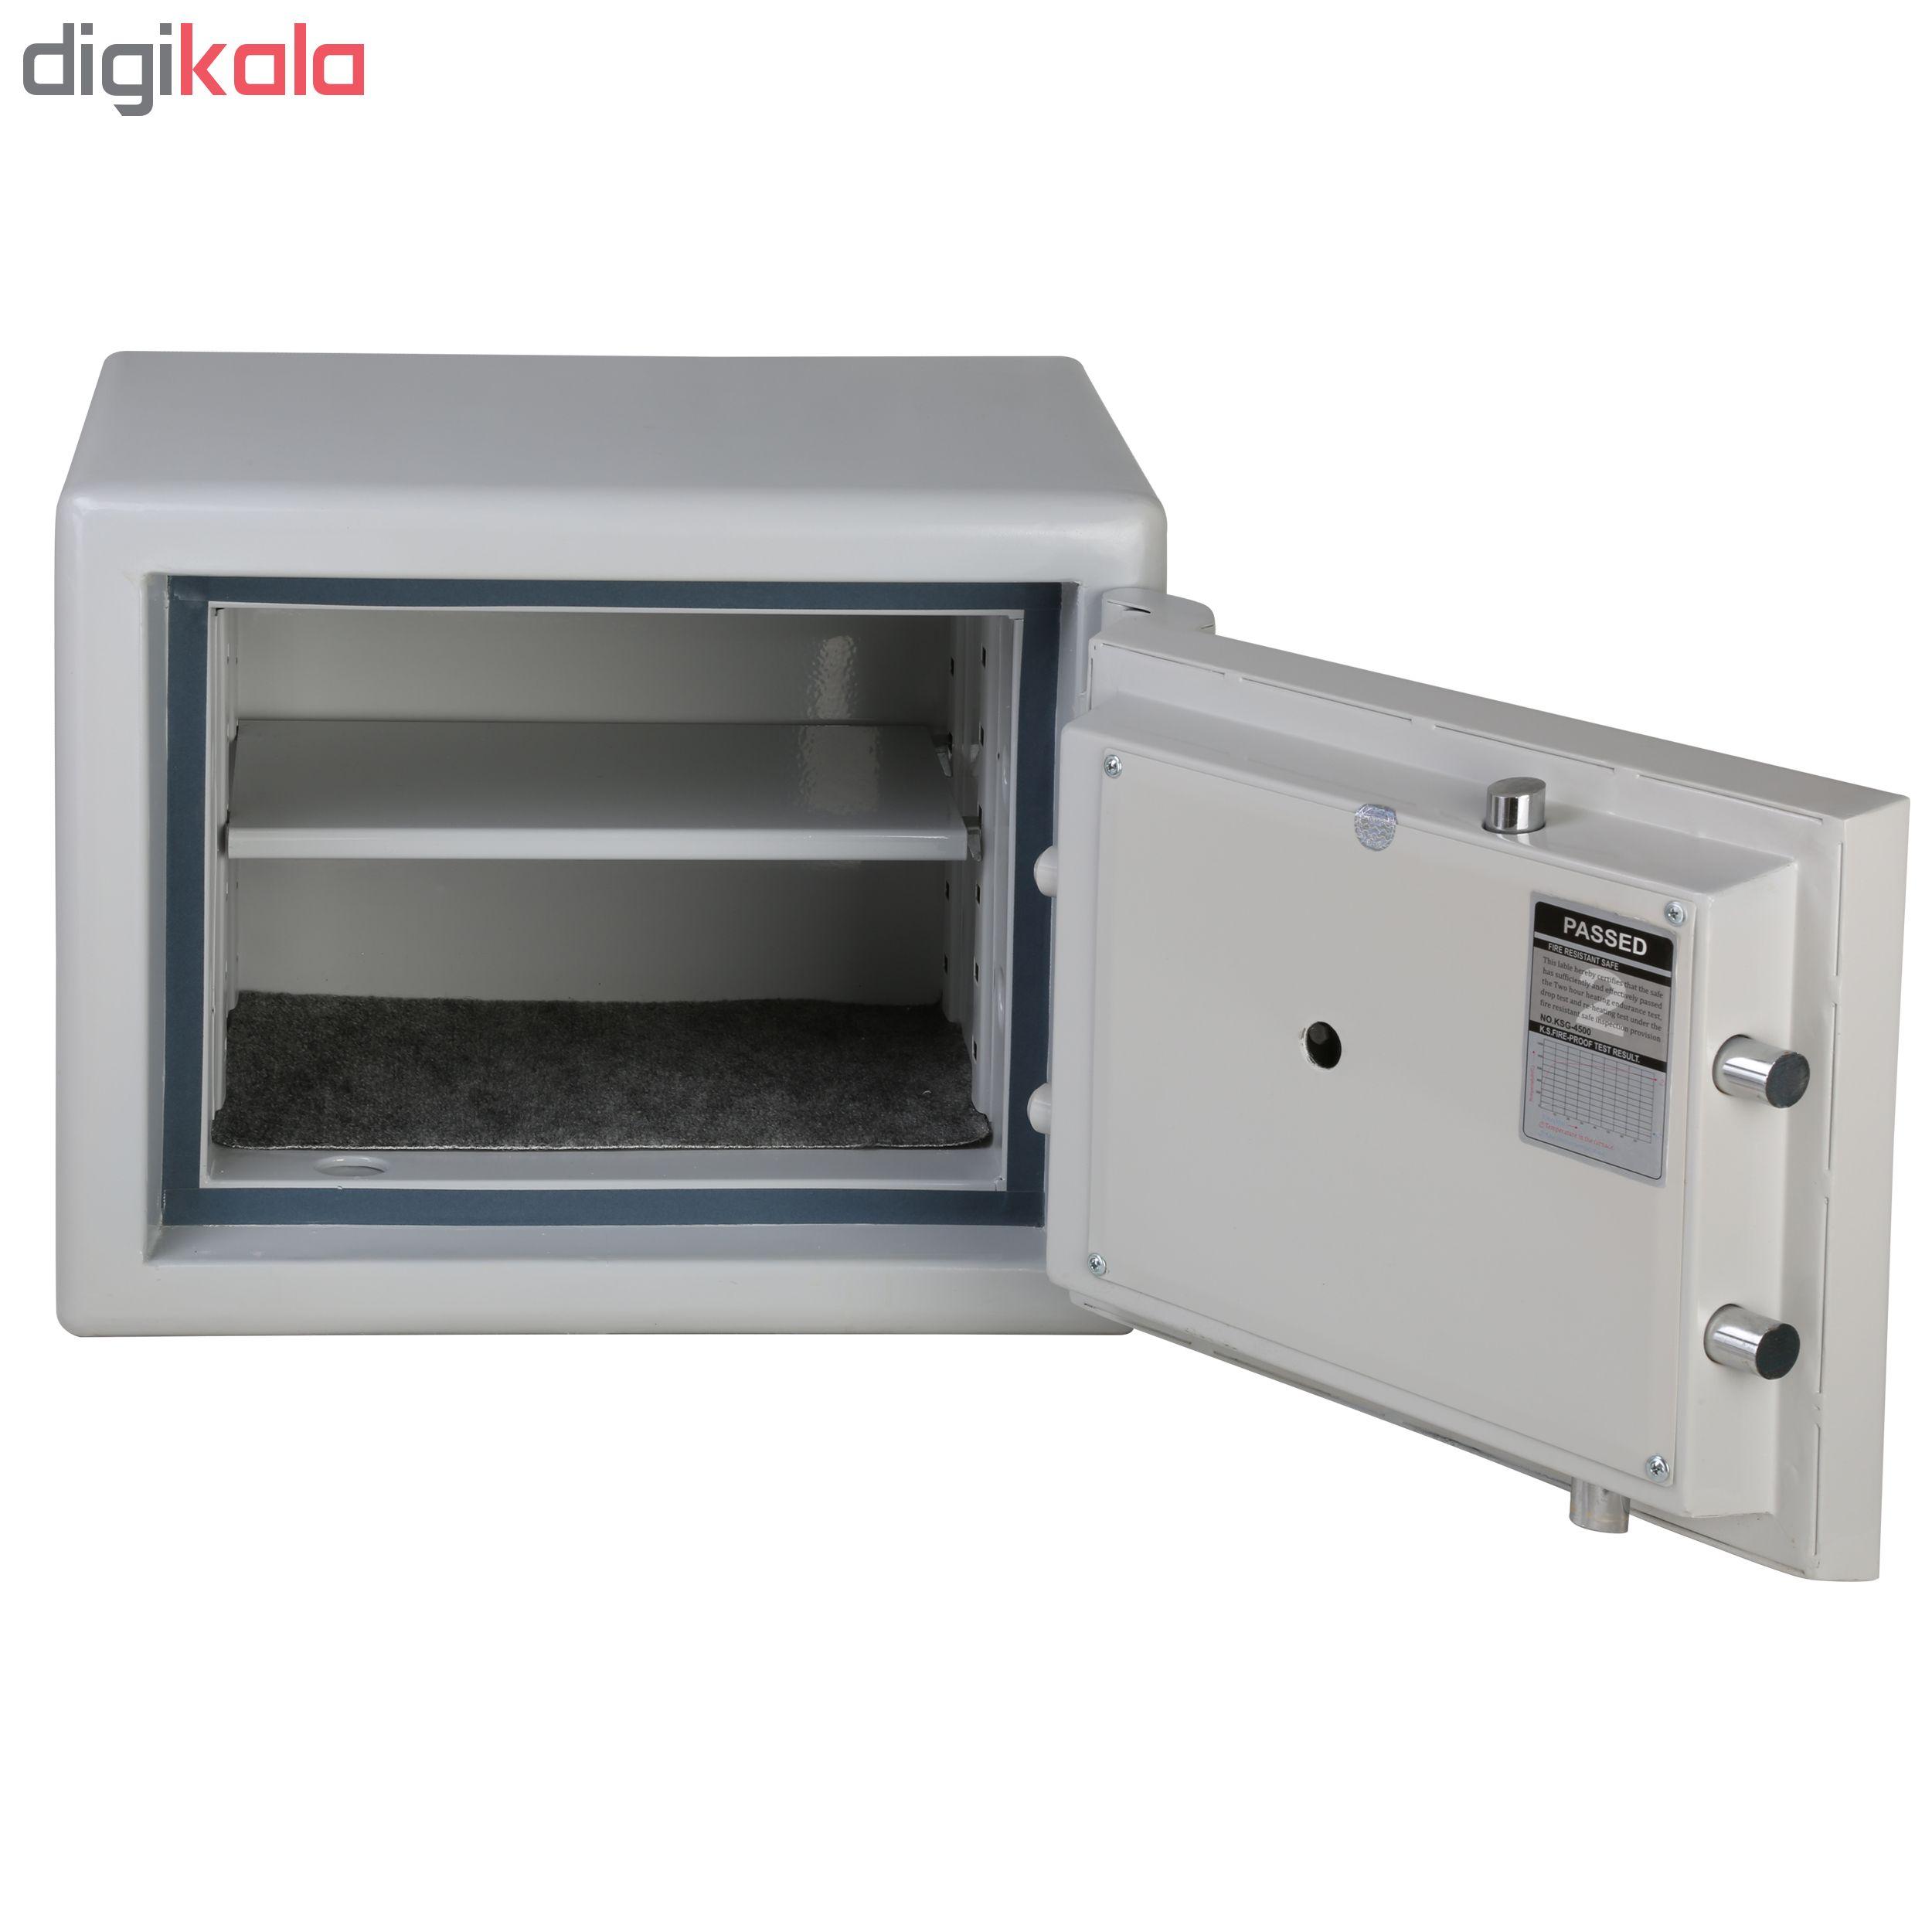 گاو صندوق گنجینه مدلGS-400-SDC